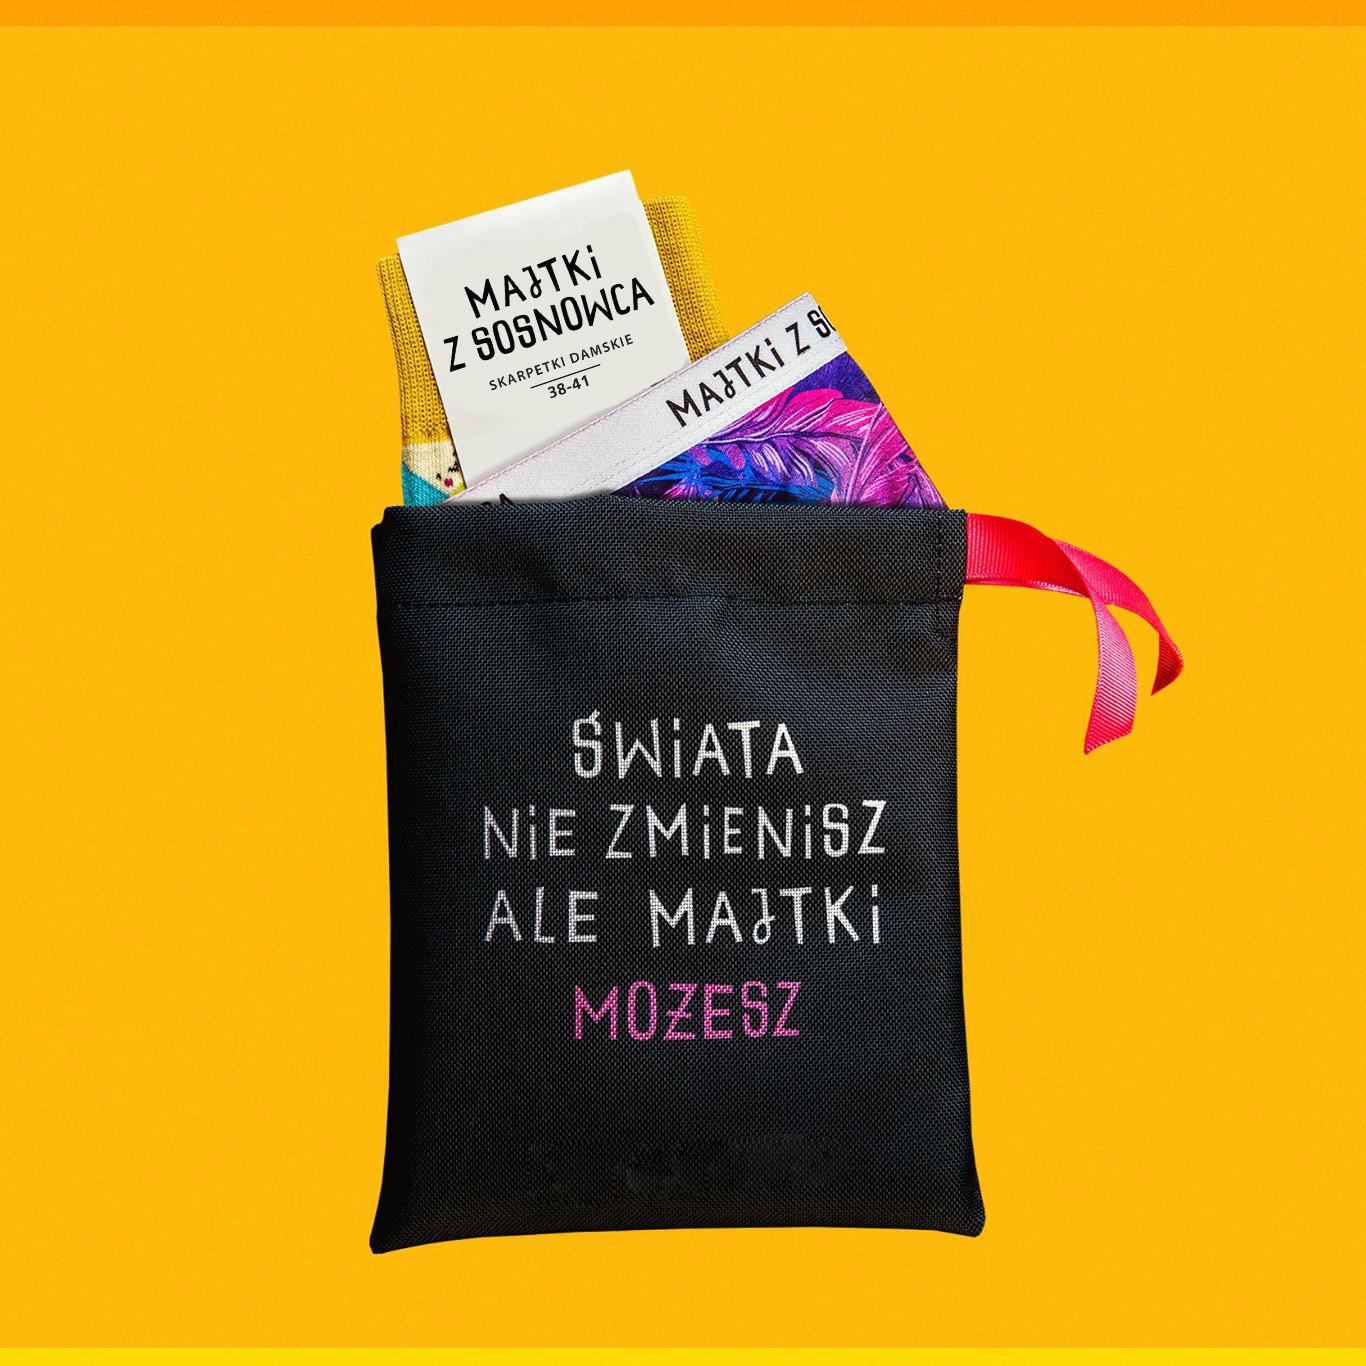 WORECZEK PREZENTOWY - Majtki z Sosnowca by After Panty